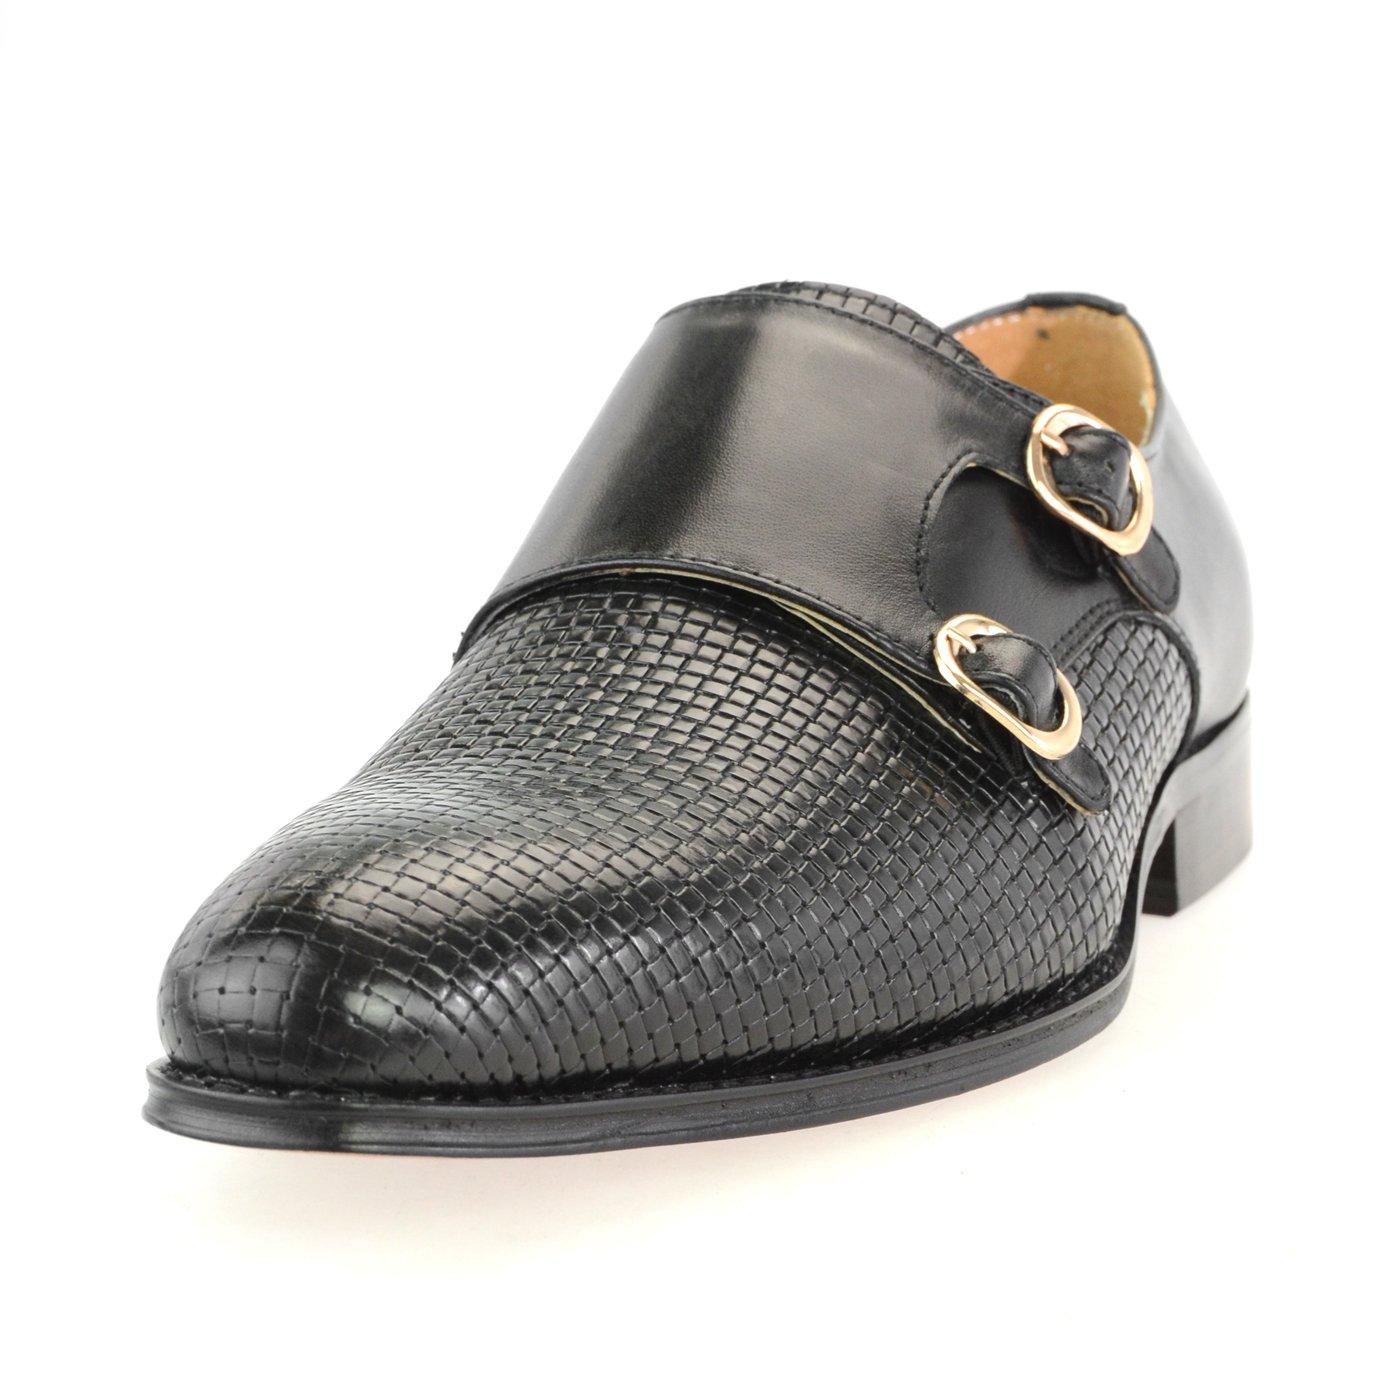 品質が [ルシウス] レザー 本革 B076DTB3NH 20種類から選ぶ レザー メダリオン メンズ ダブル モンクストラップ メダリオン ストレートチップ 革靴 紳士靴 B076DTB3NH Y08-80 ブラック 27.5 cm 3E 27.5 cm 3E|Y08-80 ブラック, 本川越つけめん頑者:2db742f1 --- kuoying.net